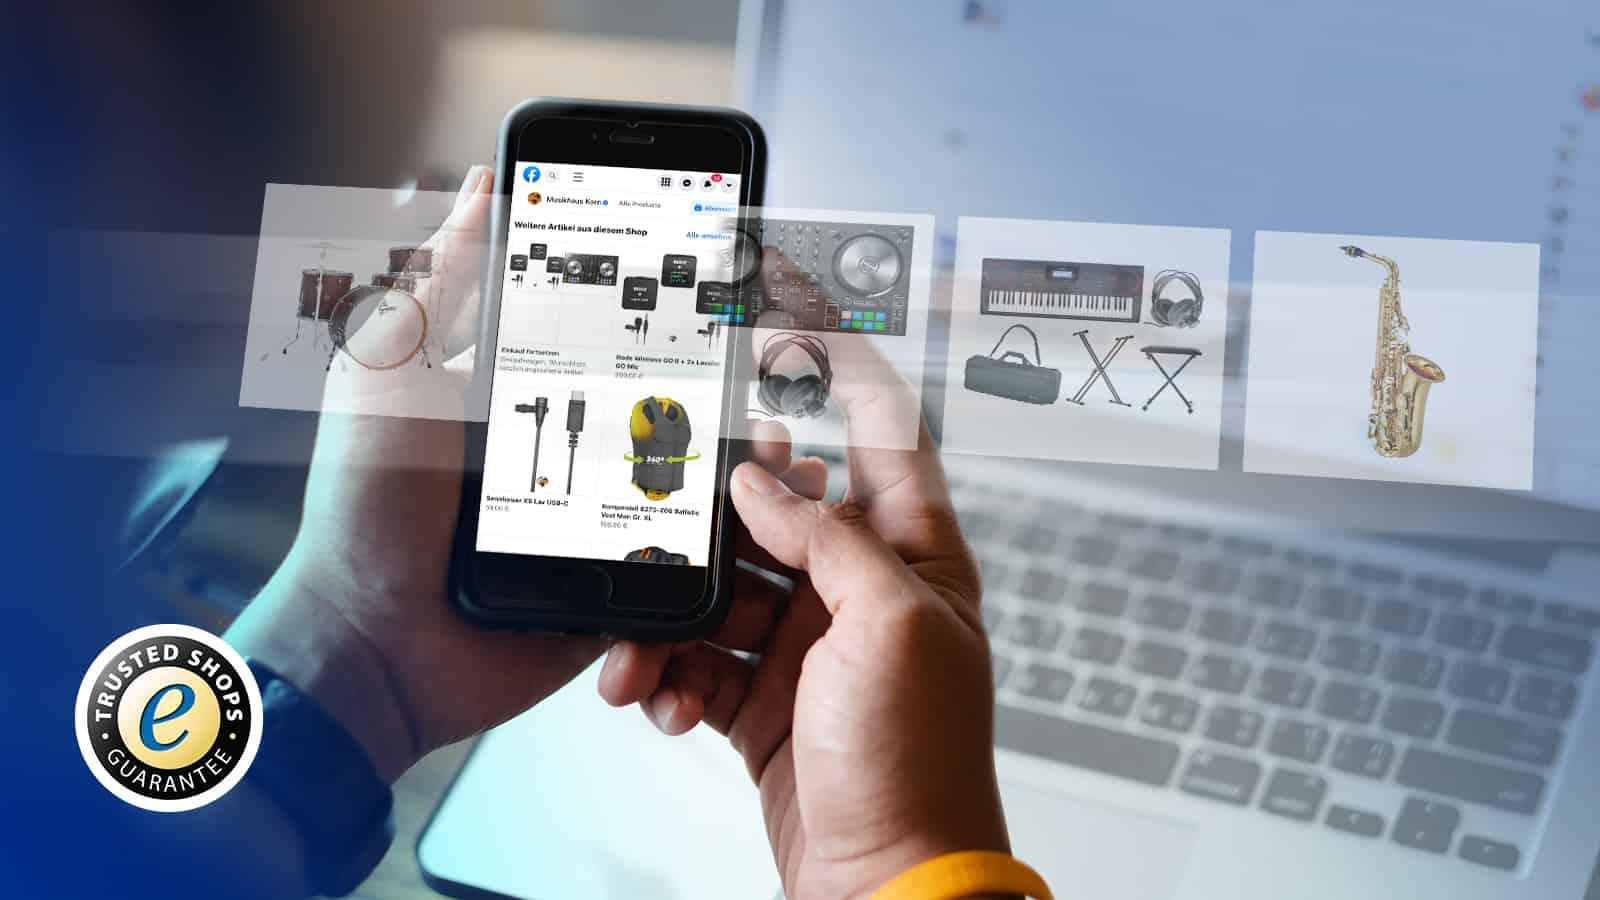 So geht erfolgreiches Marketing auf Facebook. Tipps von Trusted Shops.